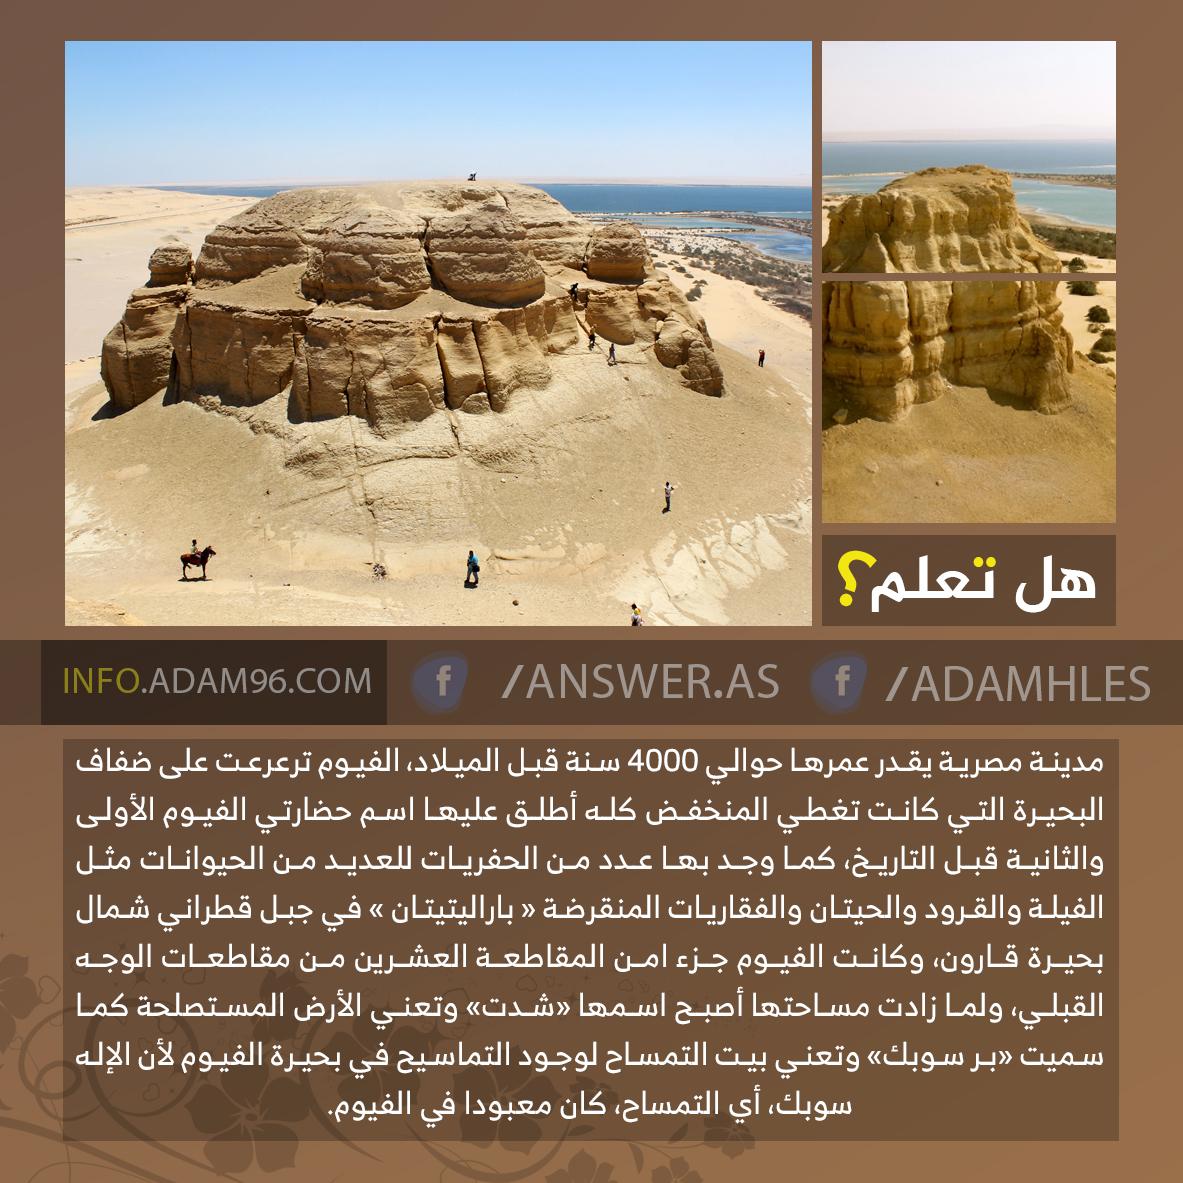 معلومات عن اقدم مدينة في العالم عمرها 4 الاف عام - الفيوم مصر